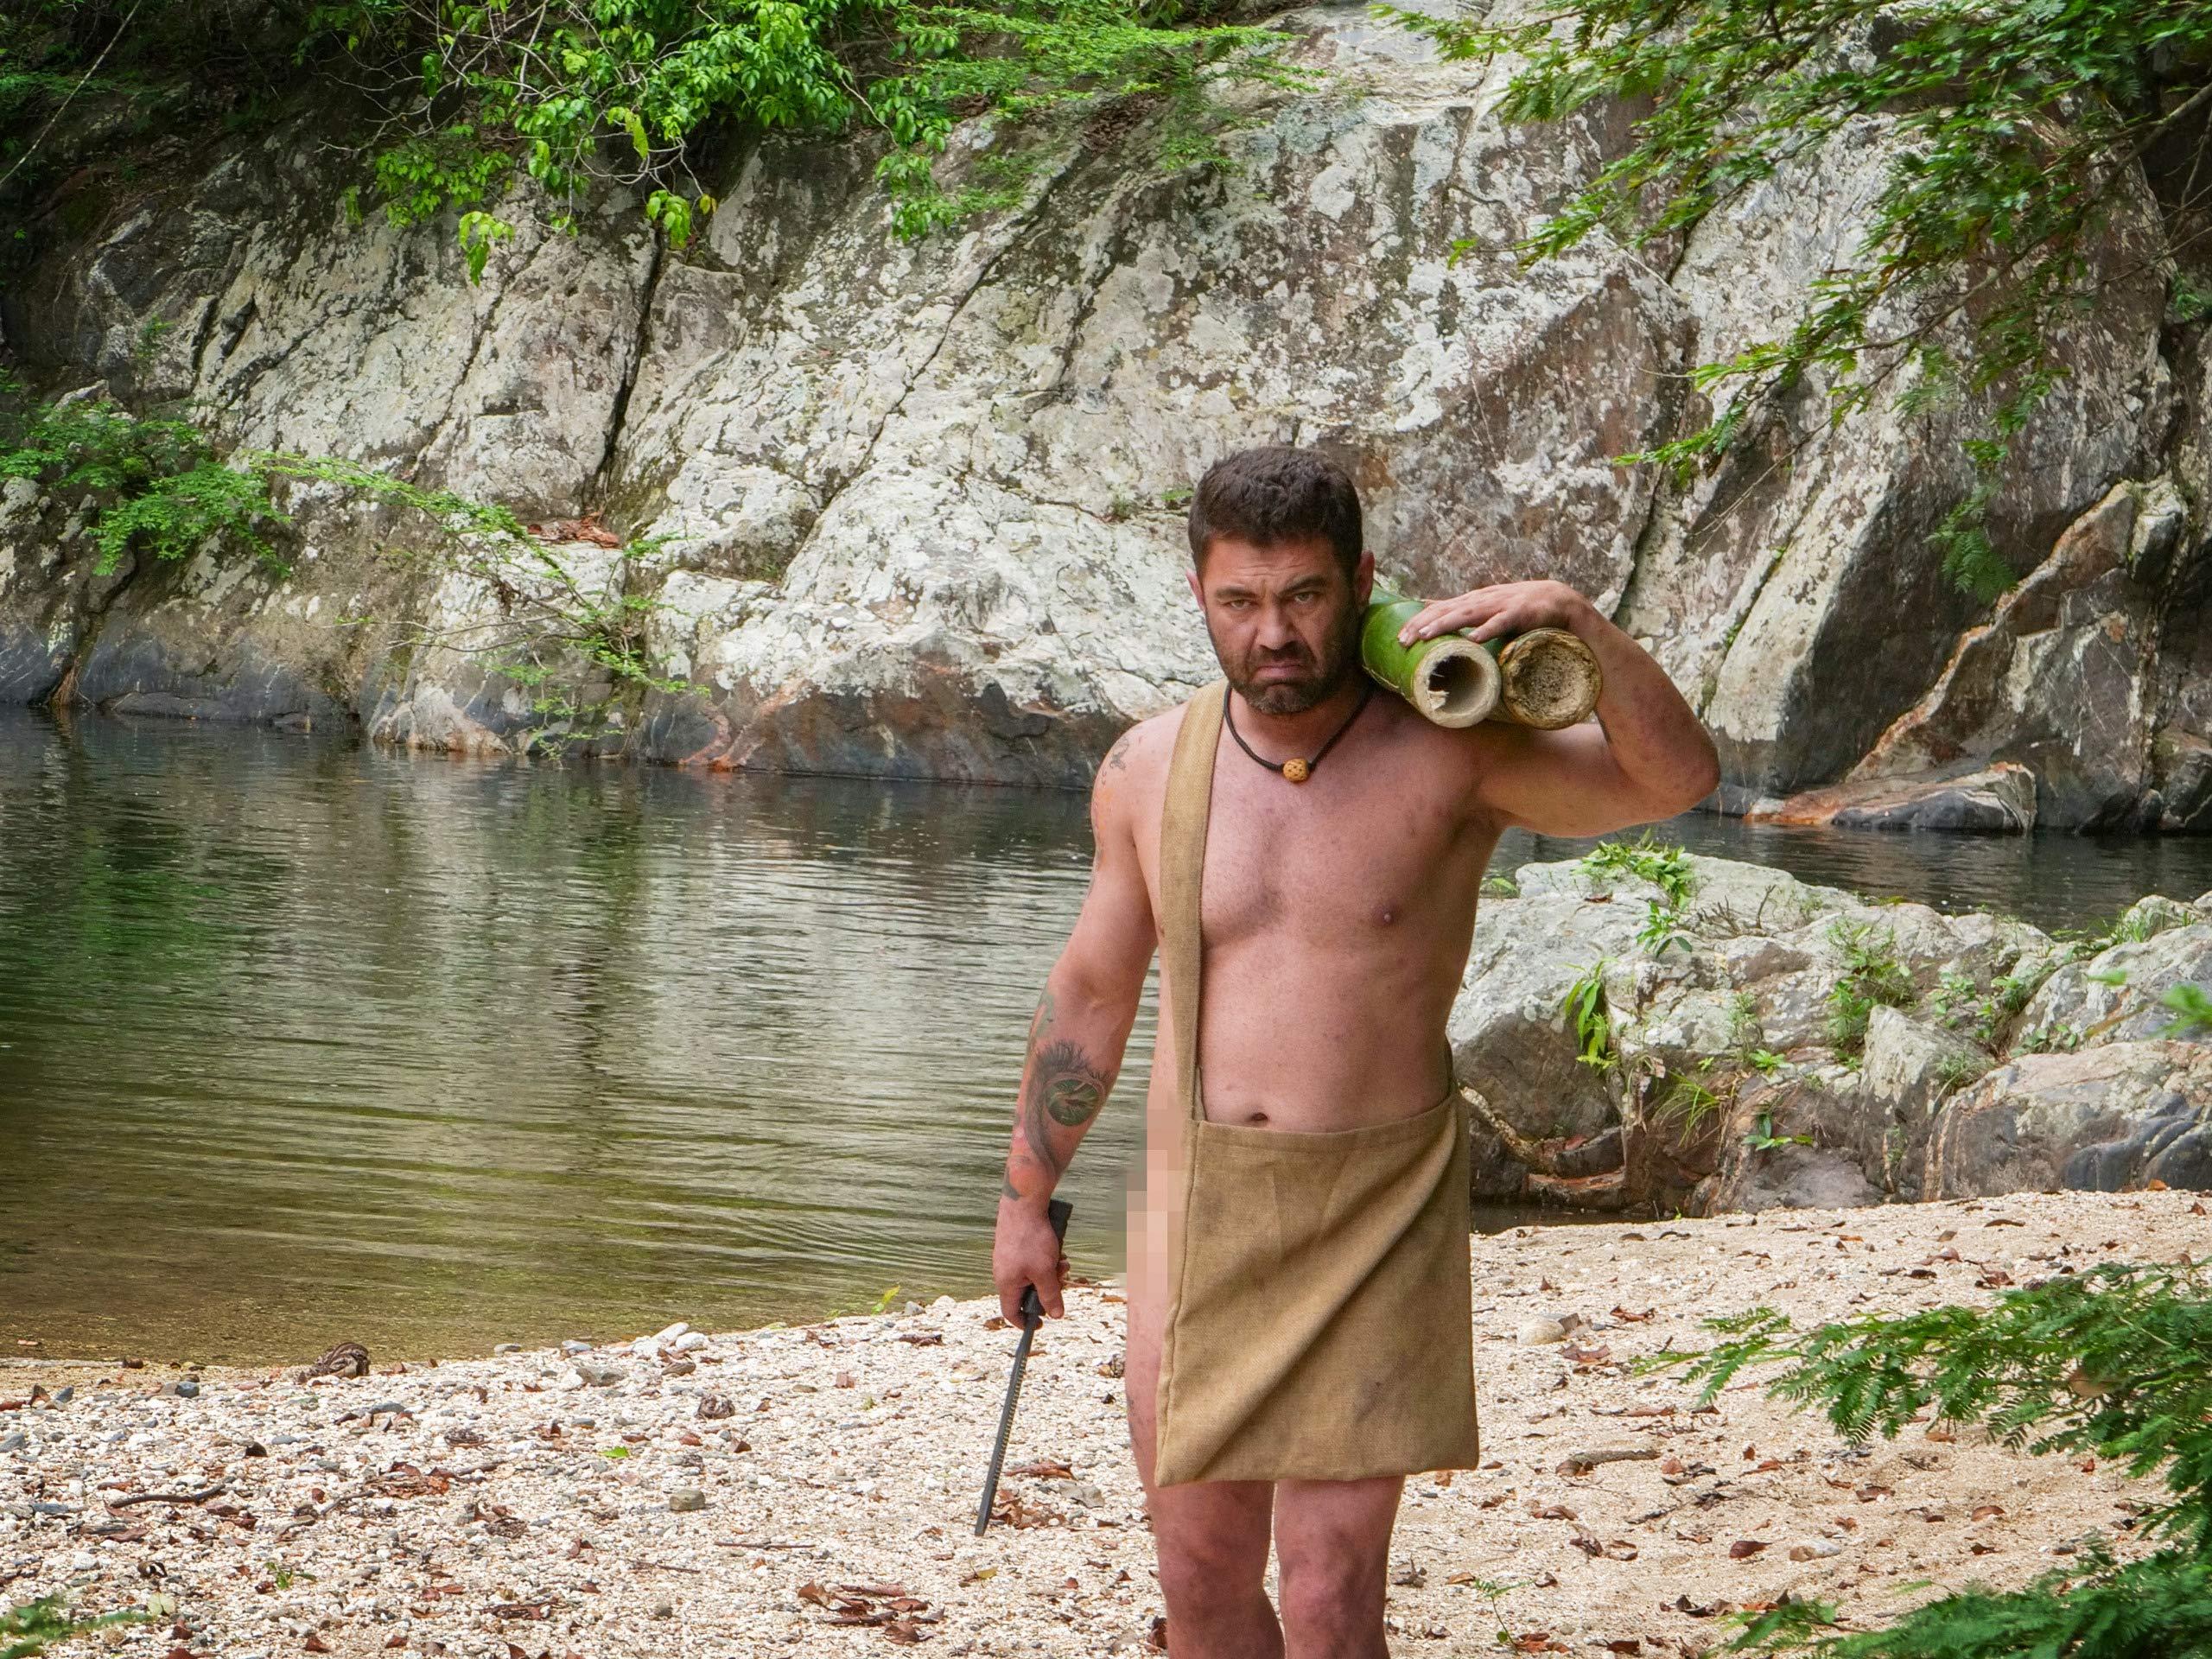 Naked Survival - Ausgezogen in die Wildnis Bilder - TV